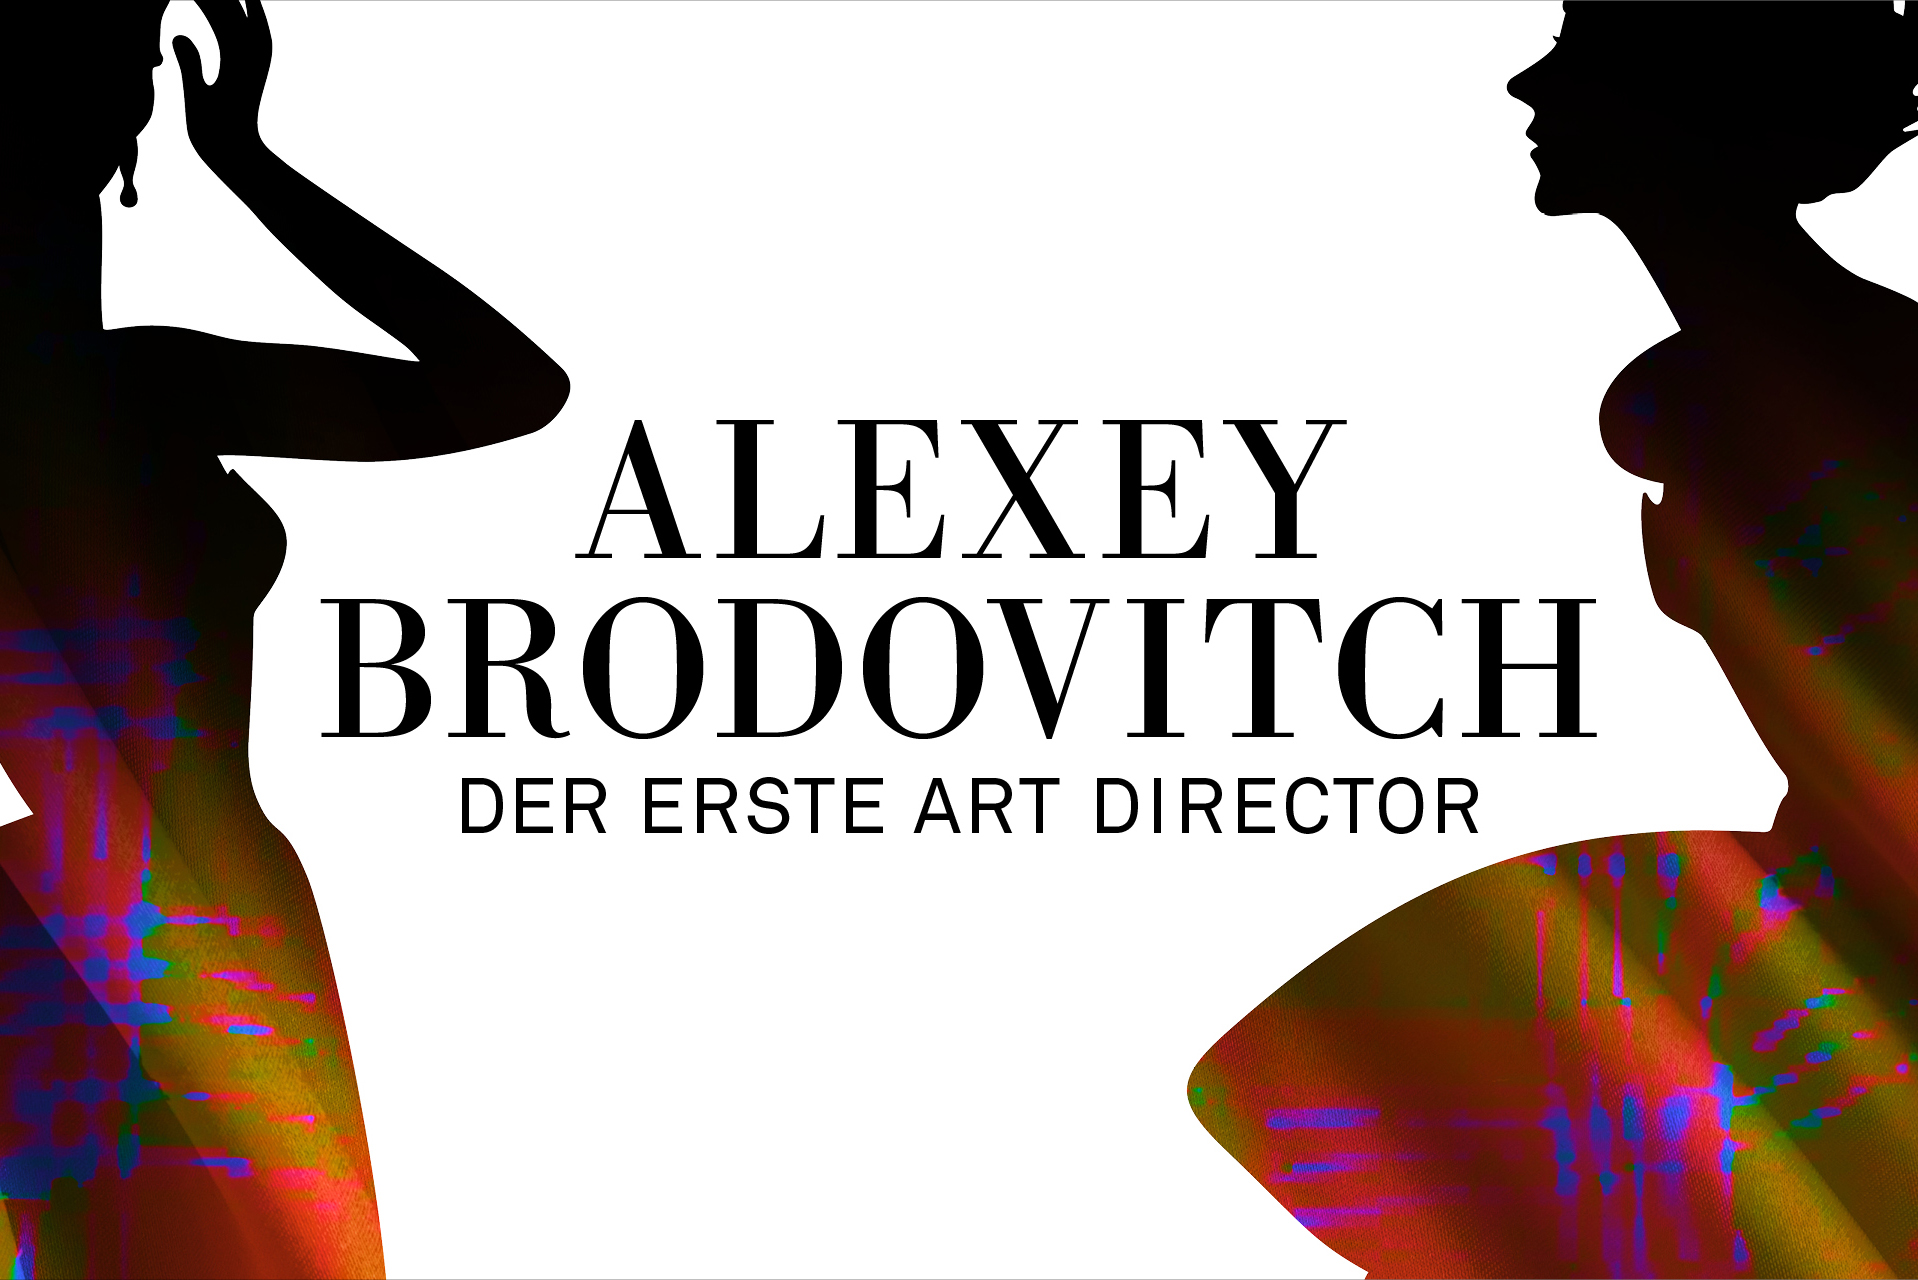 «Alexey Brodovitch: Der erste Art Director»